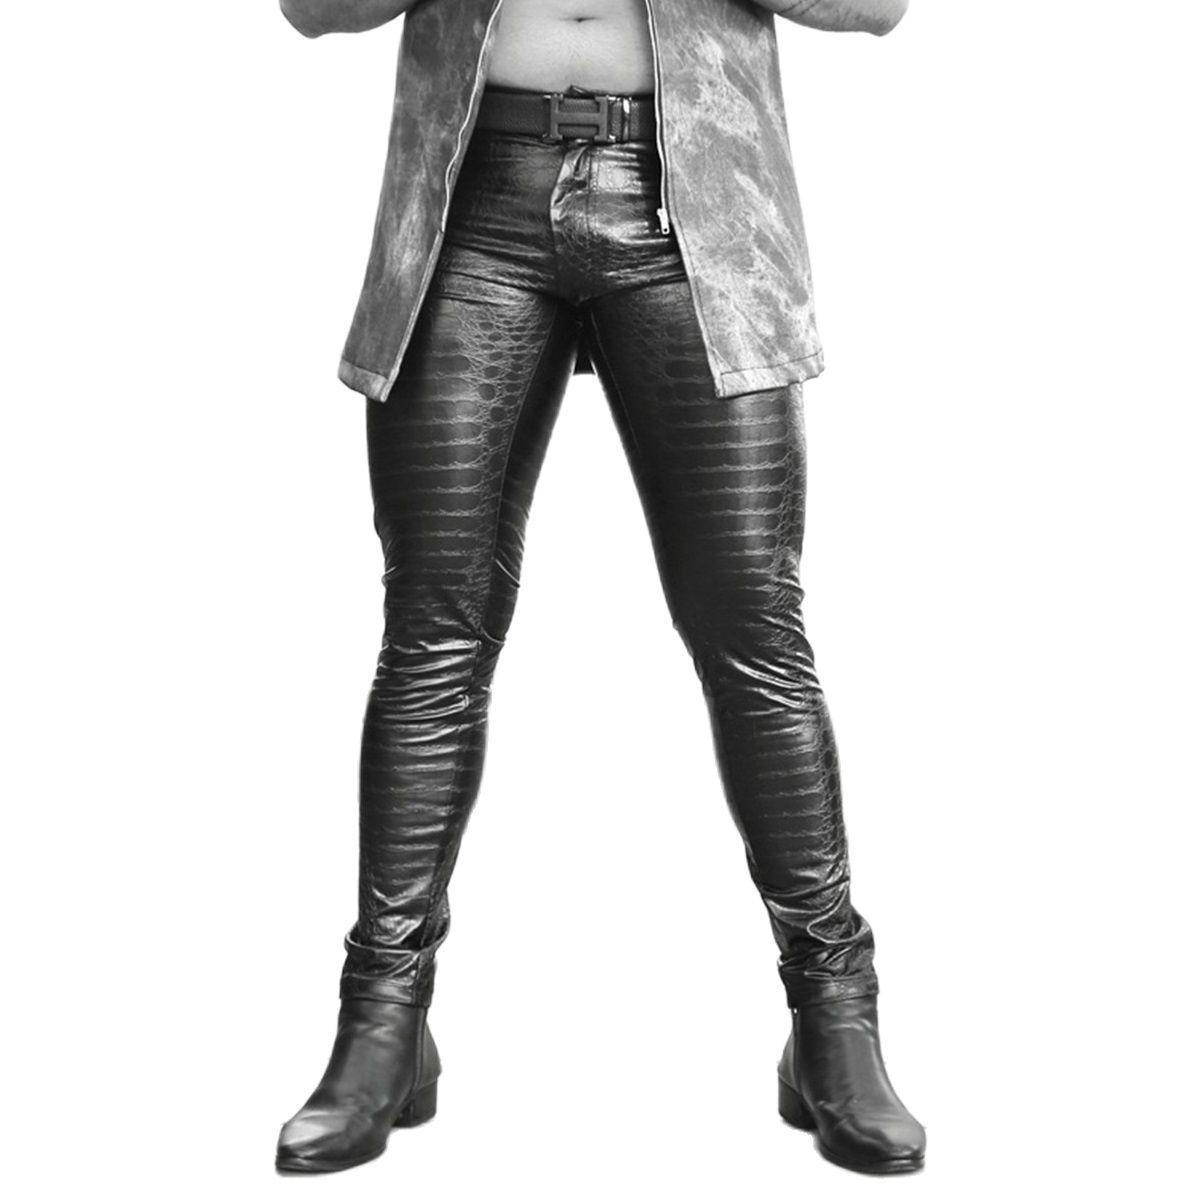 جديد ثلاثية الأبعاد مطبوعة بولي بنطال بنطال جلدي التماسيح الجلد الملمس موضة الشرير قلم رصاص طماق سليم صالح بنطلون تقليد ضيق الدينيم نمط